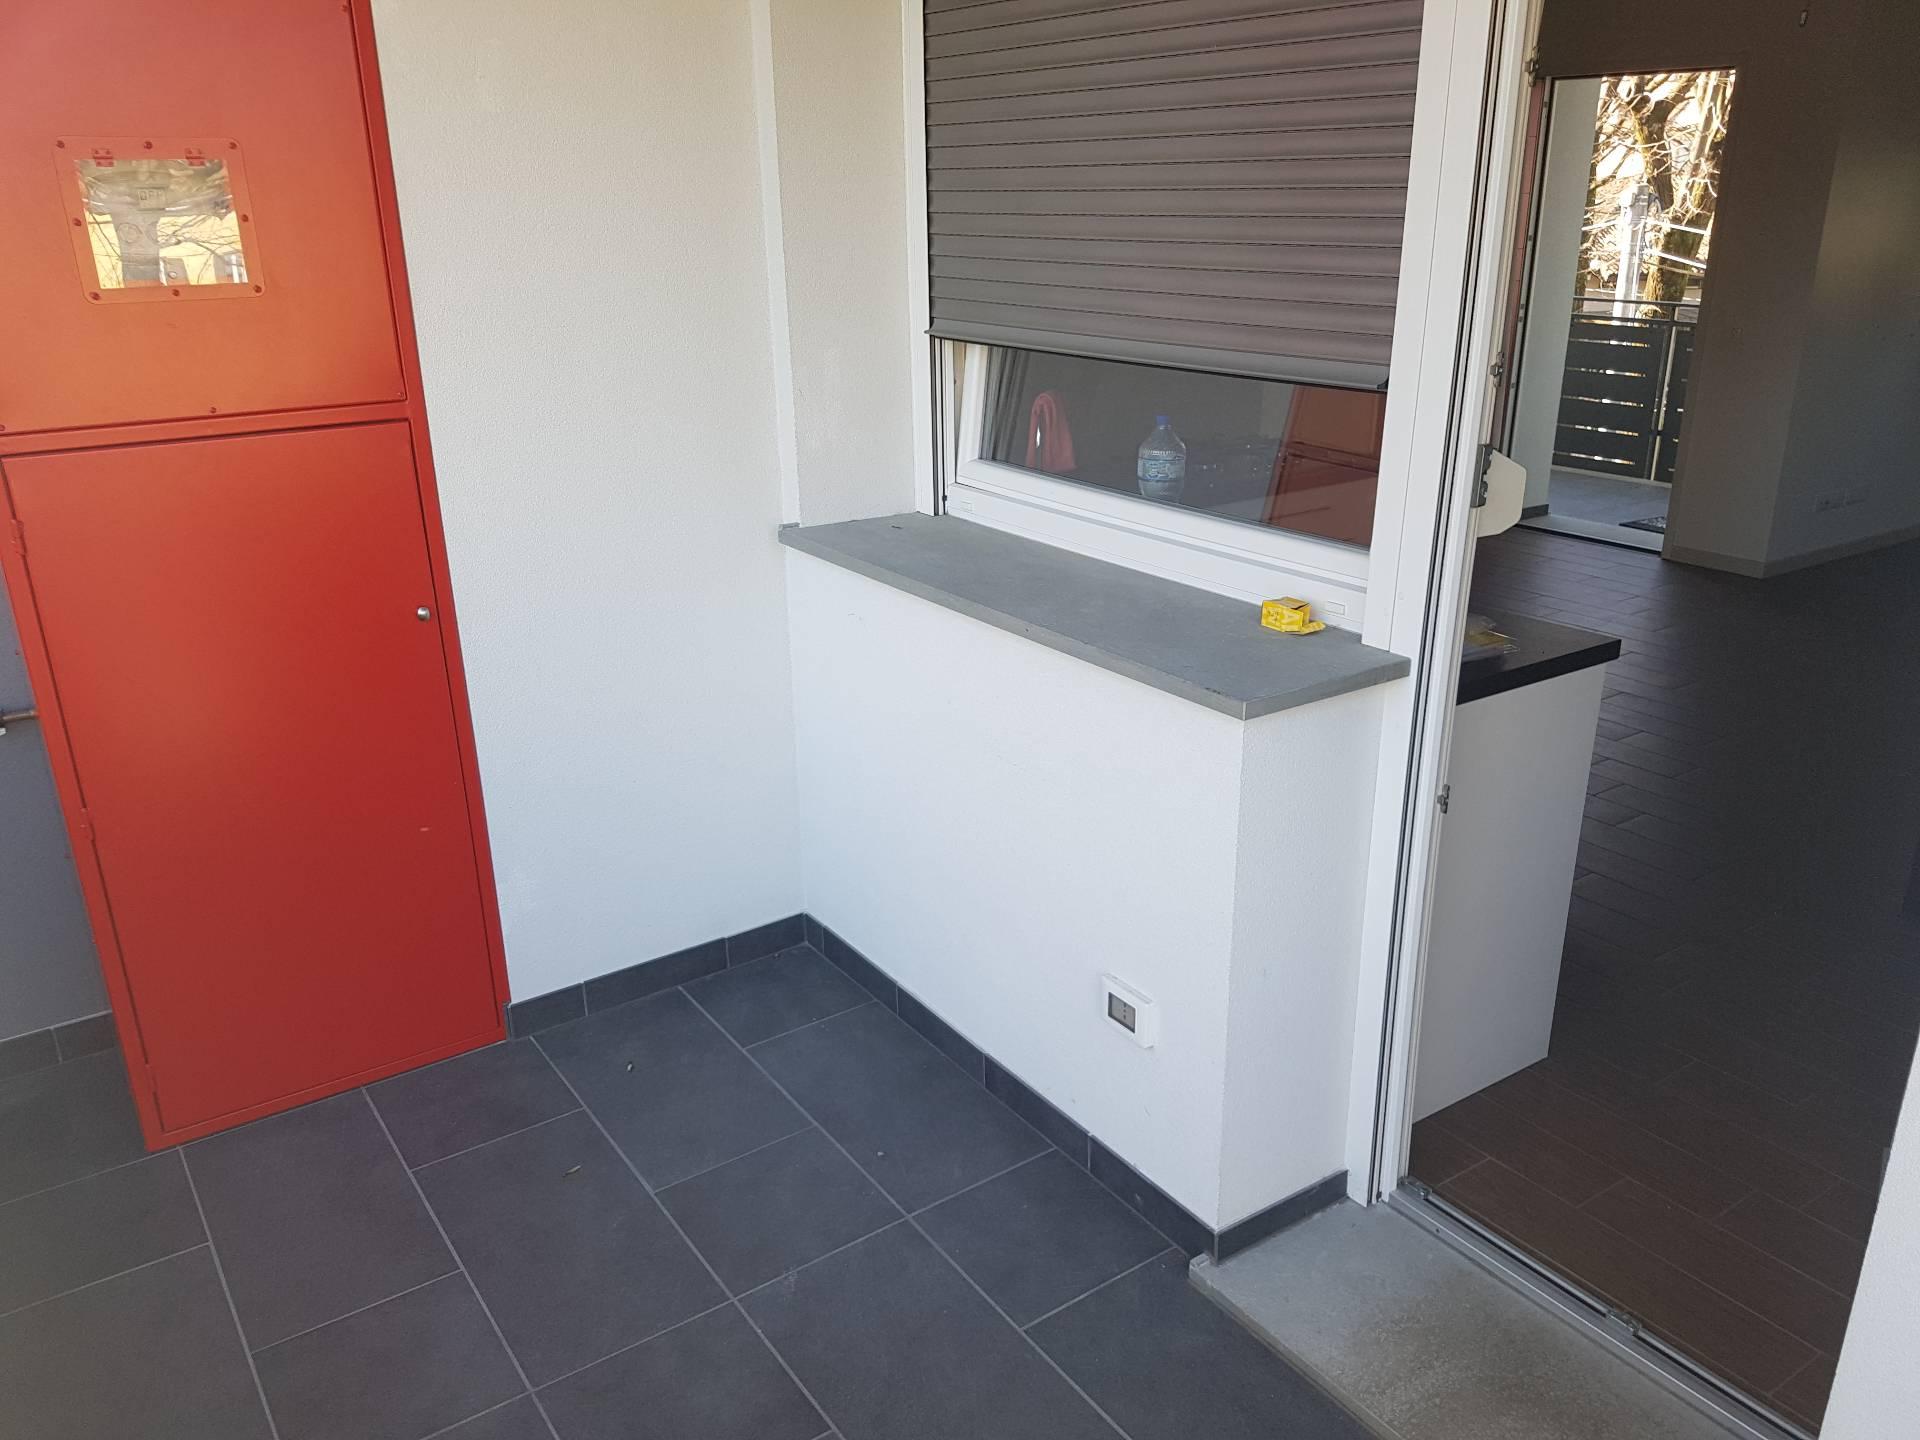 Appartamento in affitto a Gorizia, 4 locali, zona Località: centro, prezzo € 500 | Cambio Casa.it